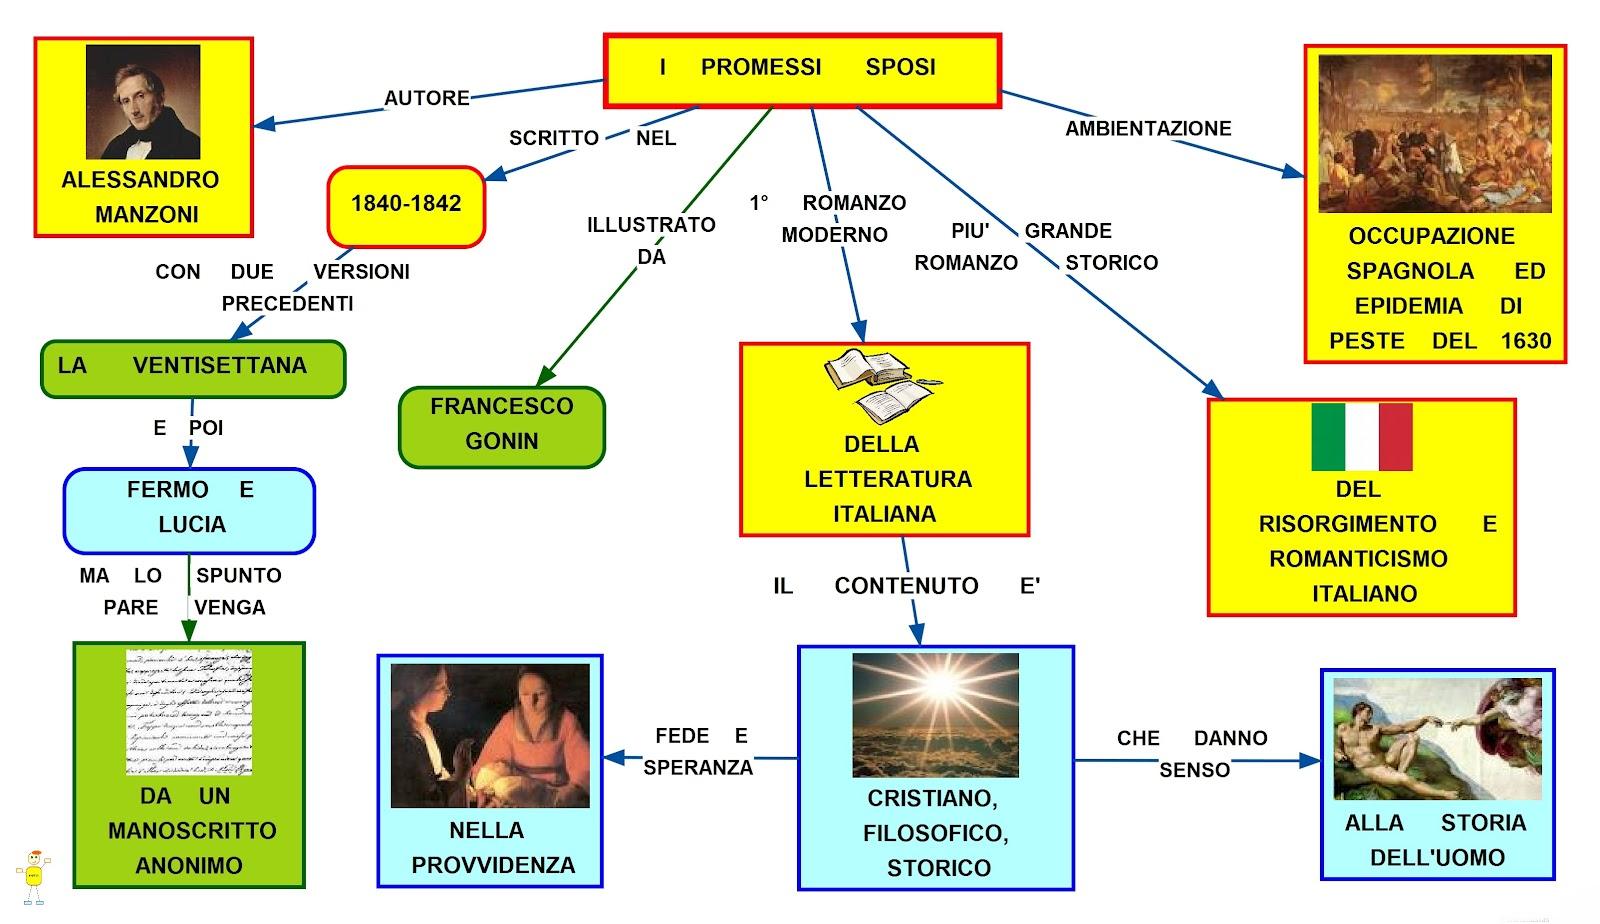 Mappa Concettuale dei Promessi Sposi